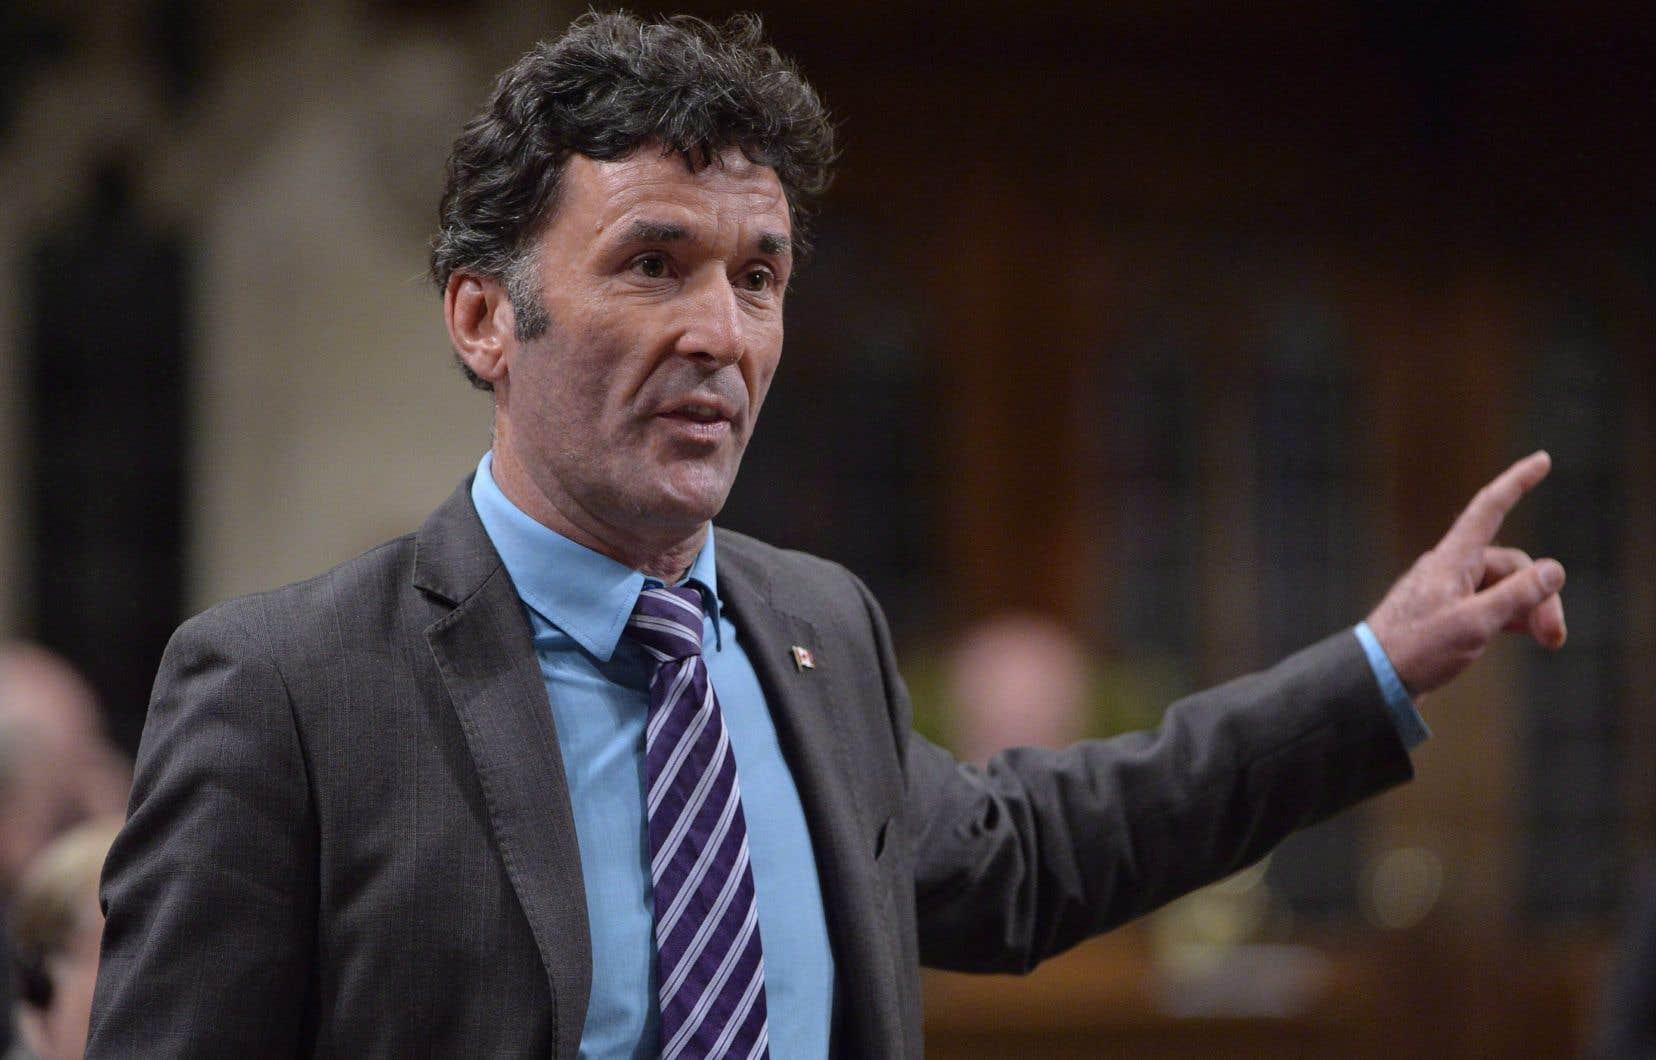 Paul Dewar est connu pour avoir été député fédéral de la circonscription d'Ottawa-Centre de 2006 à 2015.